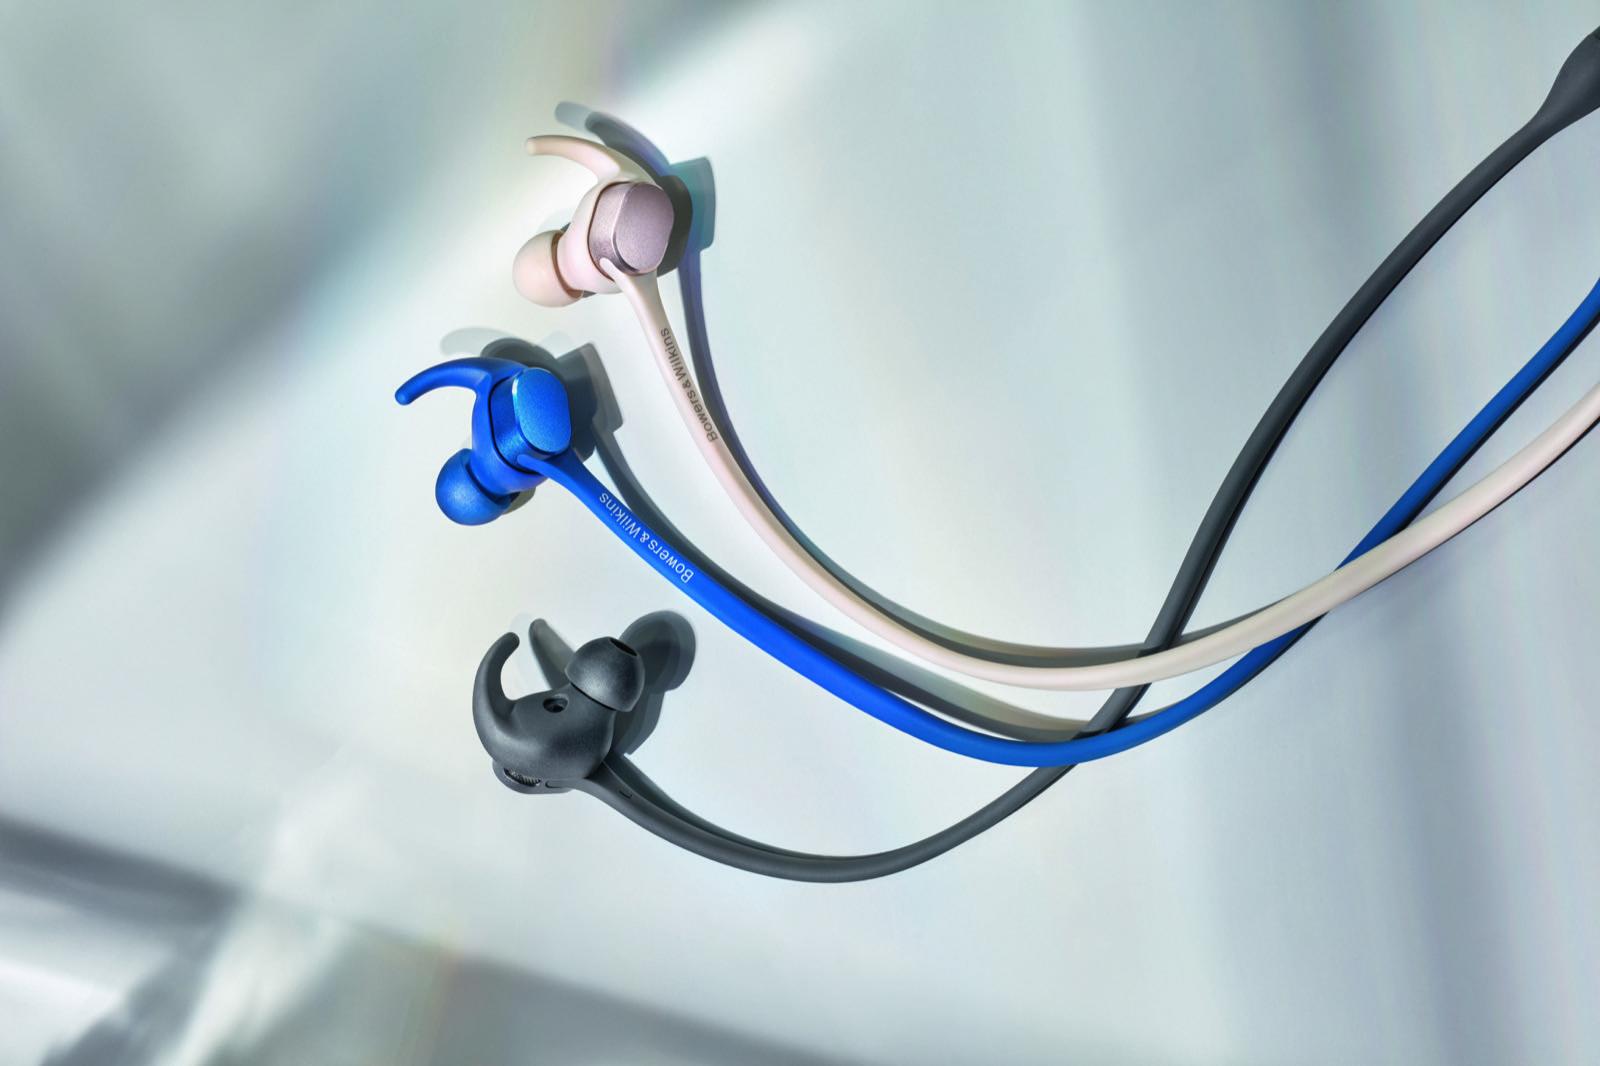 Recensione Bowers & Wilkins PI3, qualità e comodità wireless